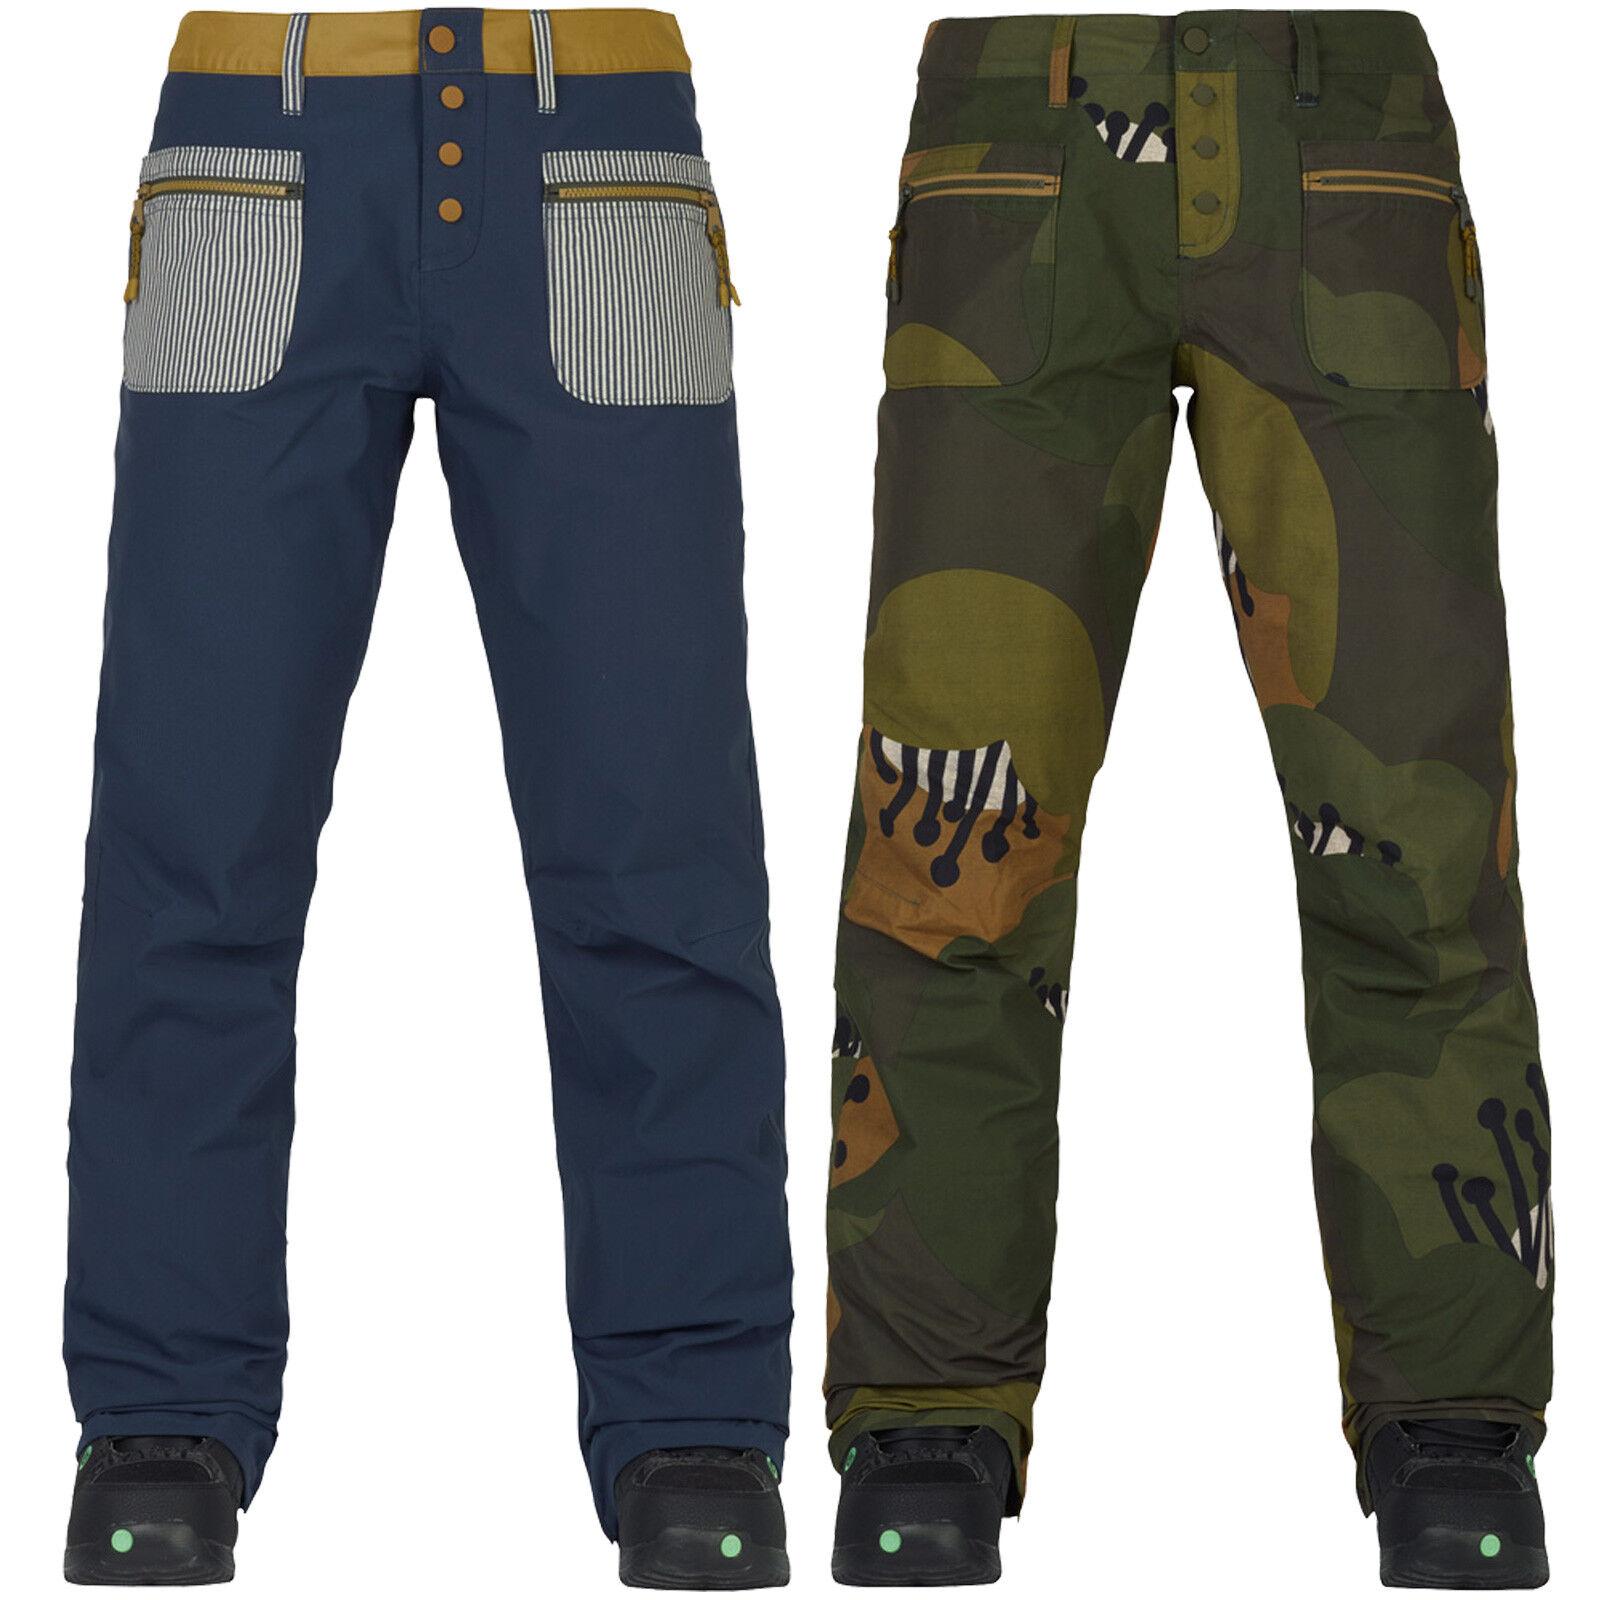 Burton twentyounce PANT DONNAYorkton Snowtavola Pantaloni Pantaloni invernali pantaloni divertiuominitozione nuovo